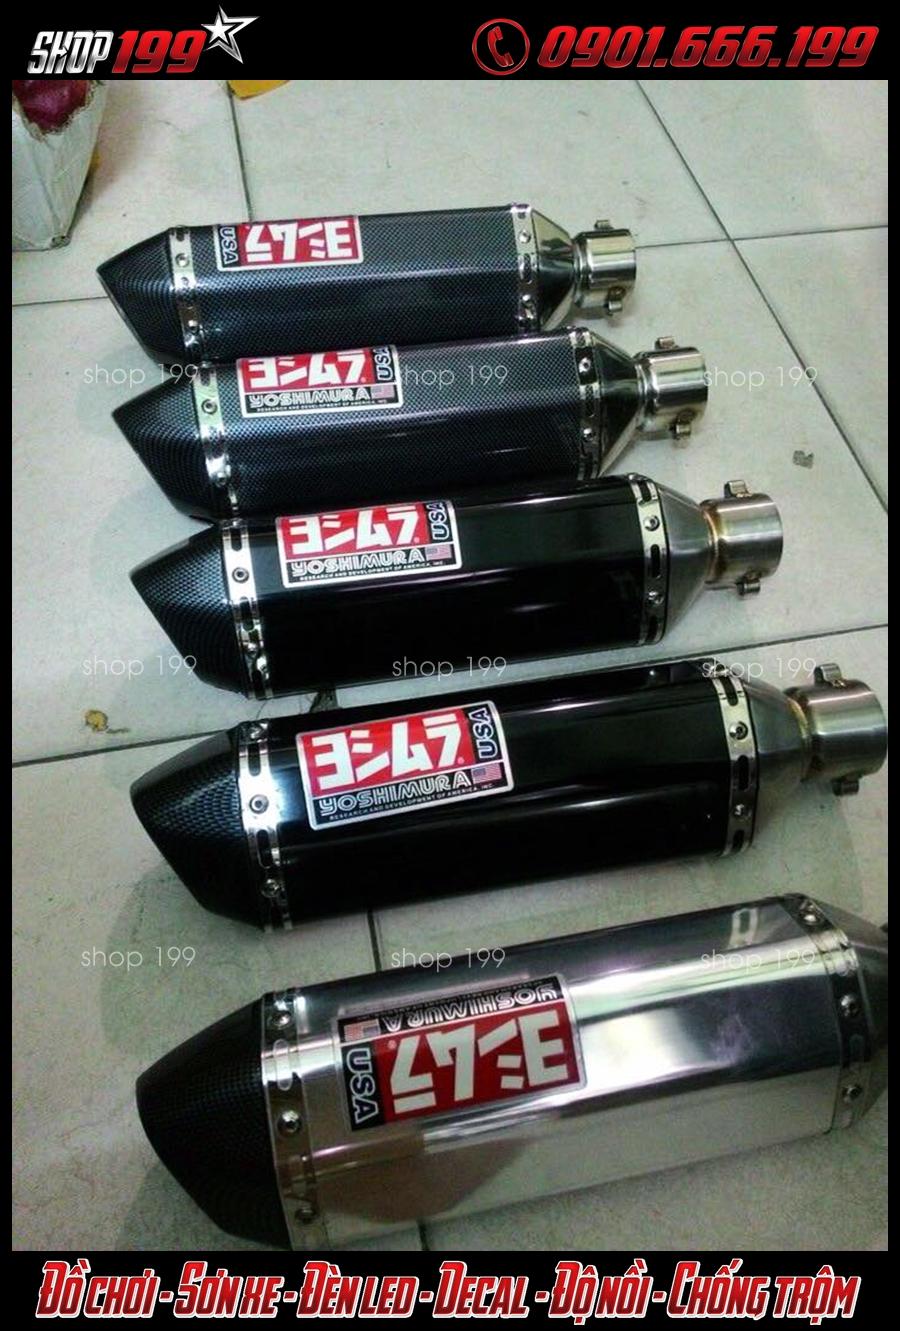 Hình ảnh pô Yoshimura các màu đen, bạc, carbon độ đẹp cho xe Honda SH